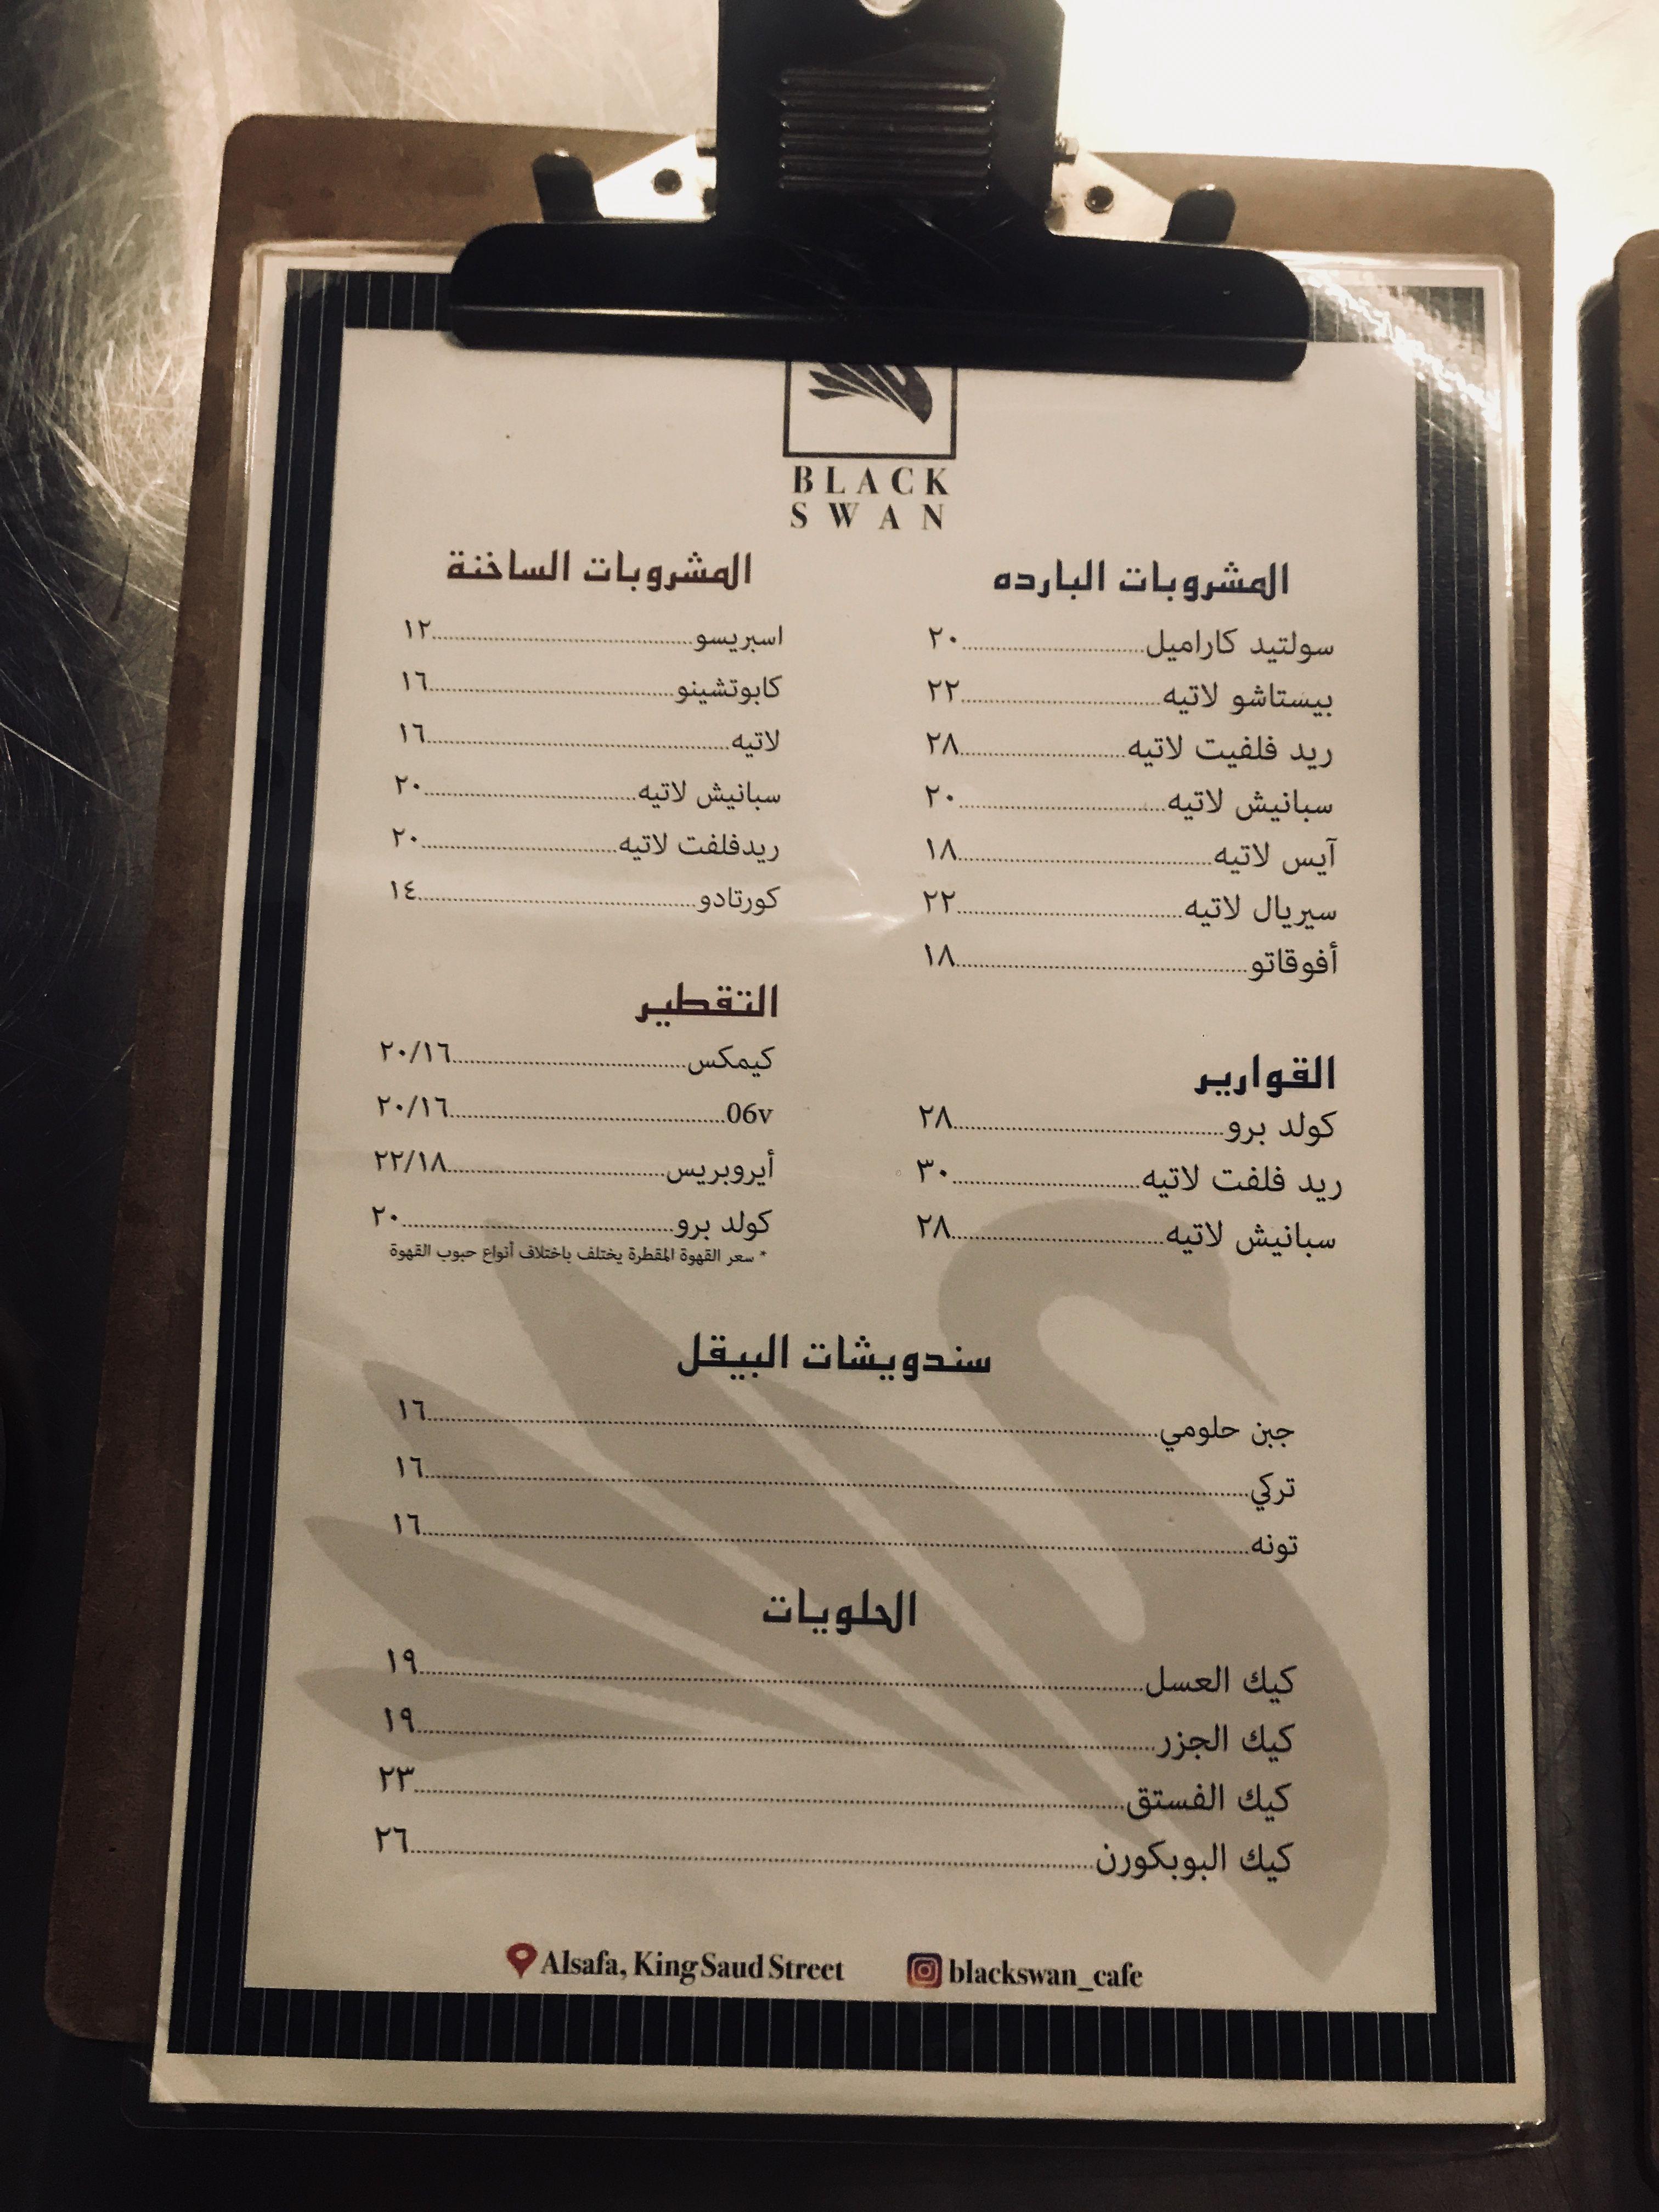 Pin By Abdulaziz Albassam On Saudi Coffee Club Coffee Club Black Swan Personalized Items